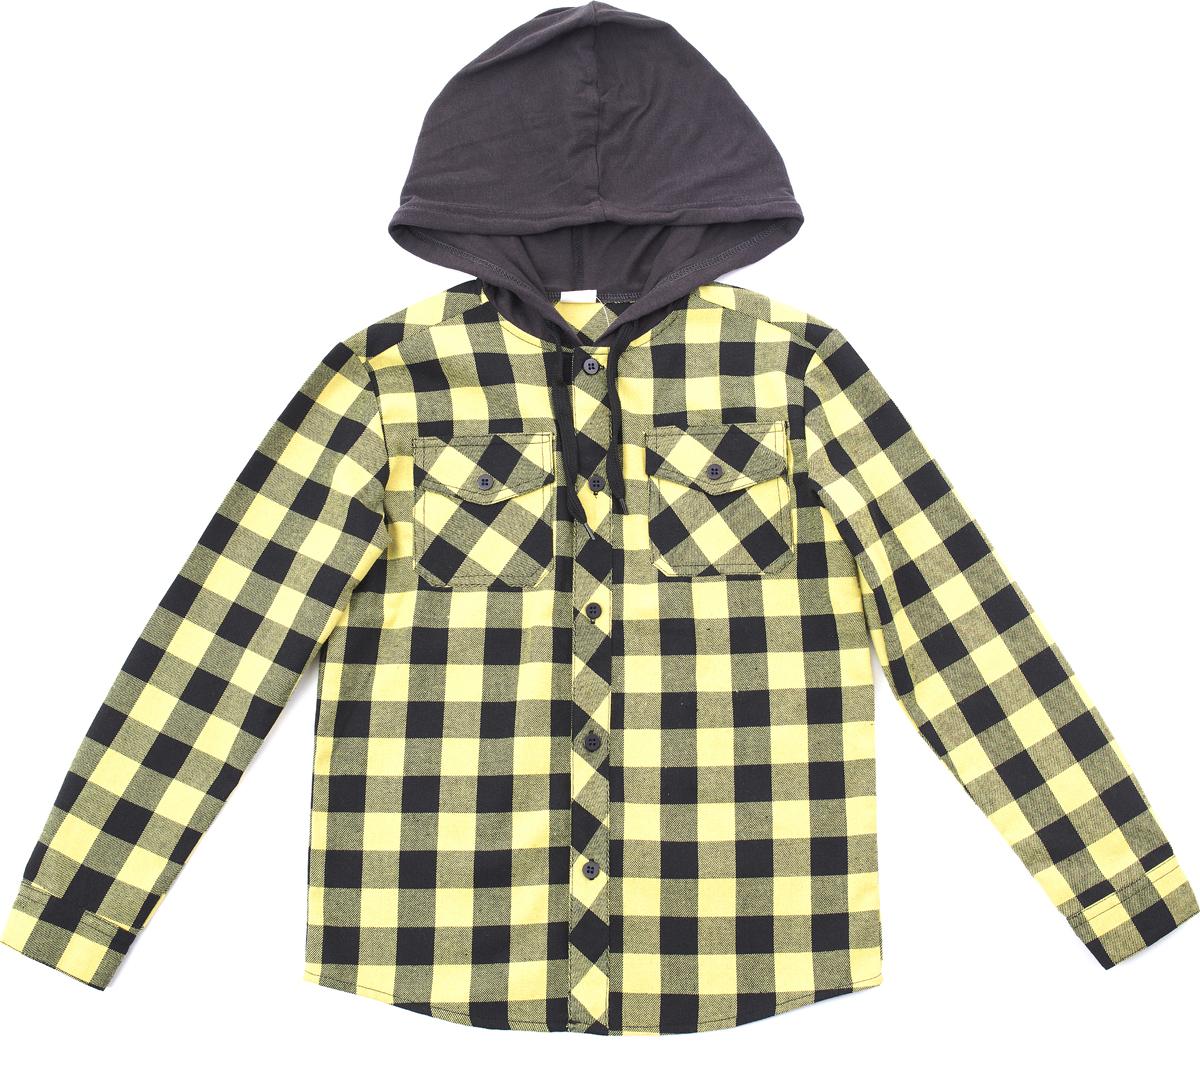 Рубашка для мальчика PlayToday, цвет: черный, желтый. 181061. Размер 110181061Сорочка выполнена из натурального хлопка. Модель дополнена встрочным капюшоном на регулируемом шнуре - кулиске. Рукава оофрмлены манжетами. Сорочка с двумя накладными карманами.